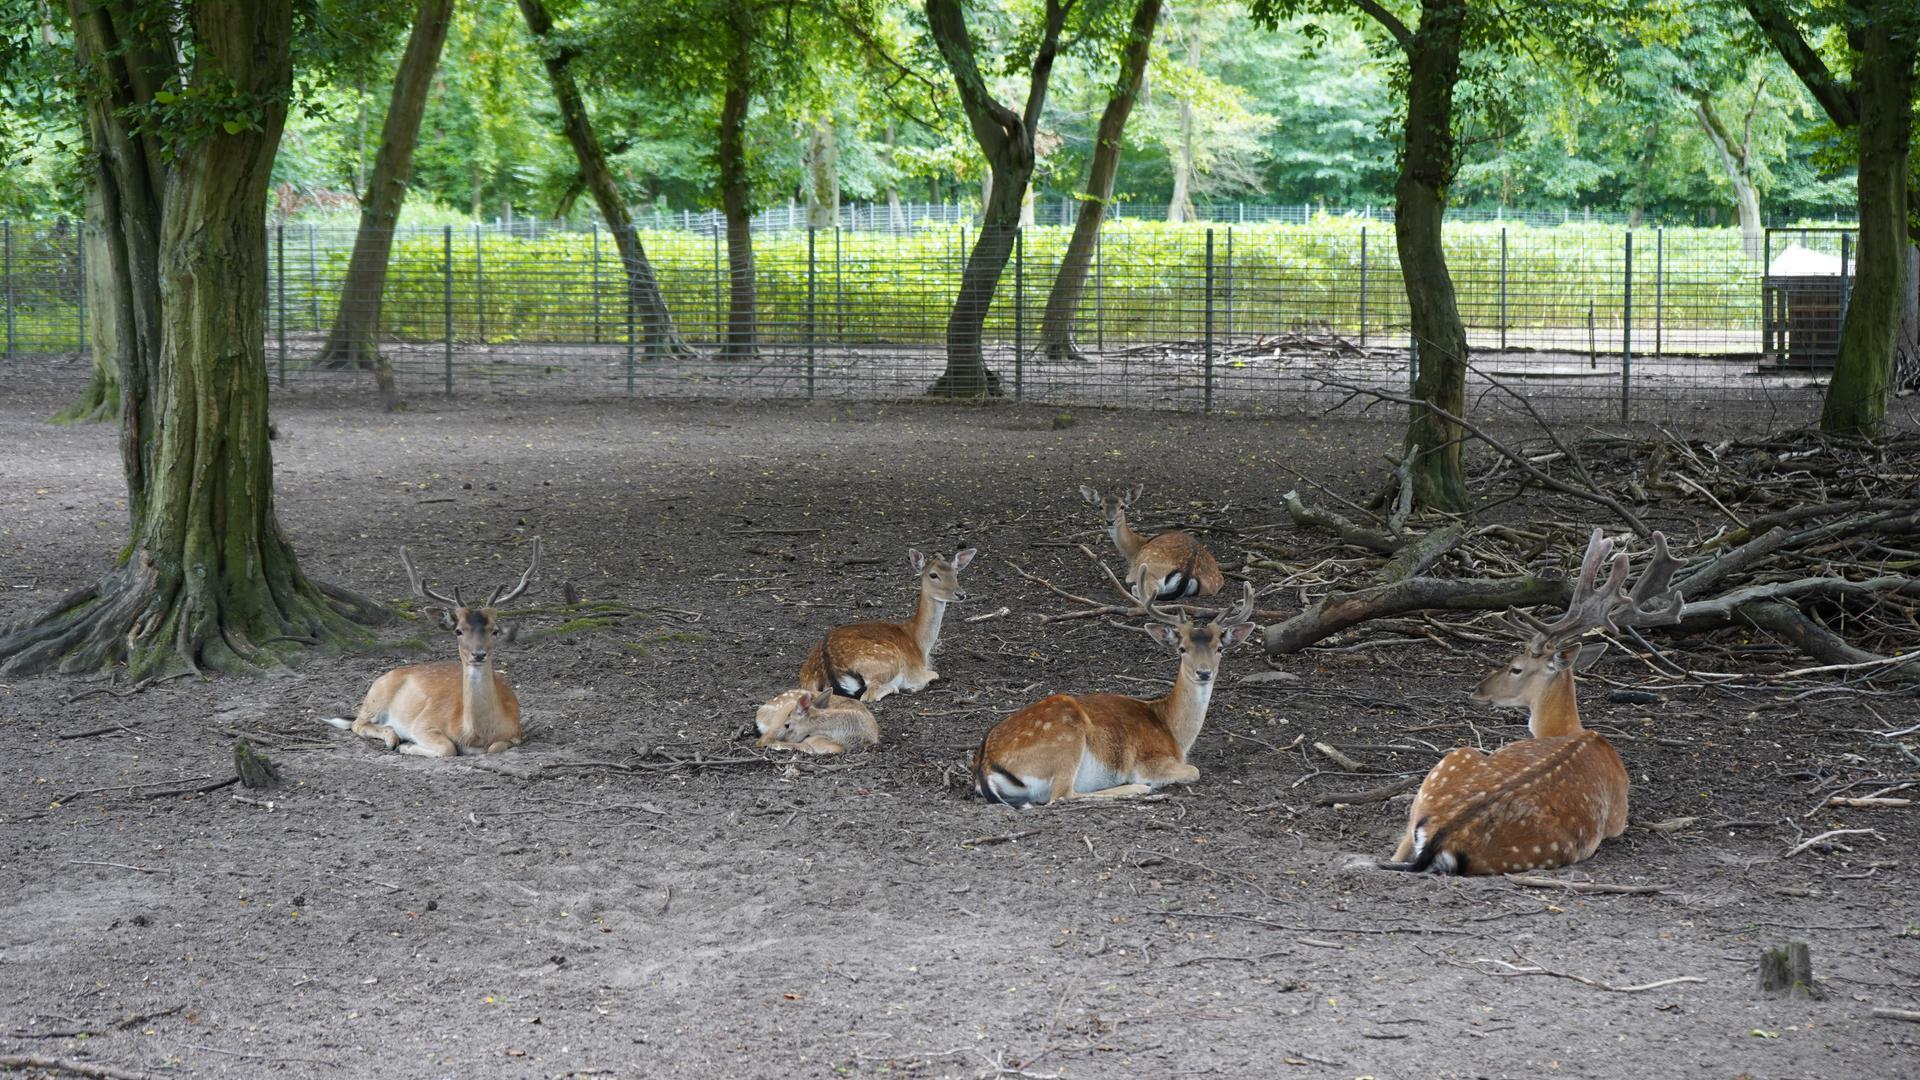 Noch im Park: Der Tierbestand musste aufgelöst werden. Für das Damwild hat das Veterinäramt jedoch einen Aufschub gewährt. Im Park sollen Hirsche unter anderem mit Vanille-Berlinern und Schoko-Croissants gefüttert worden sein.